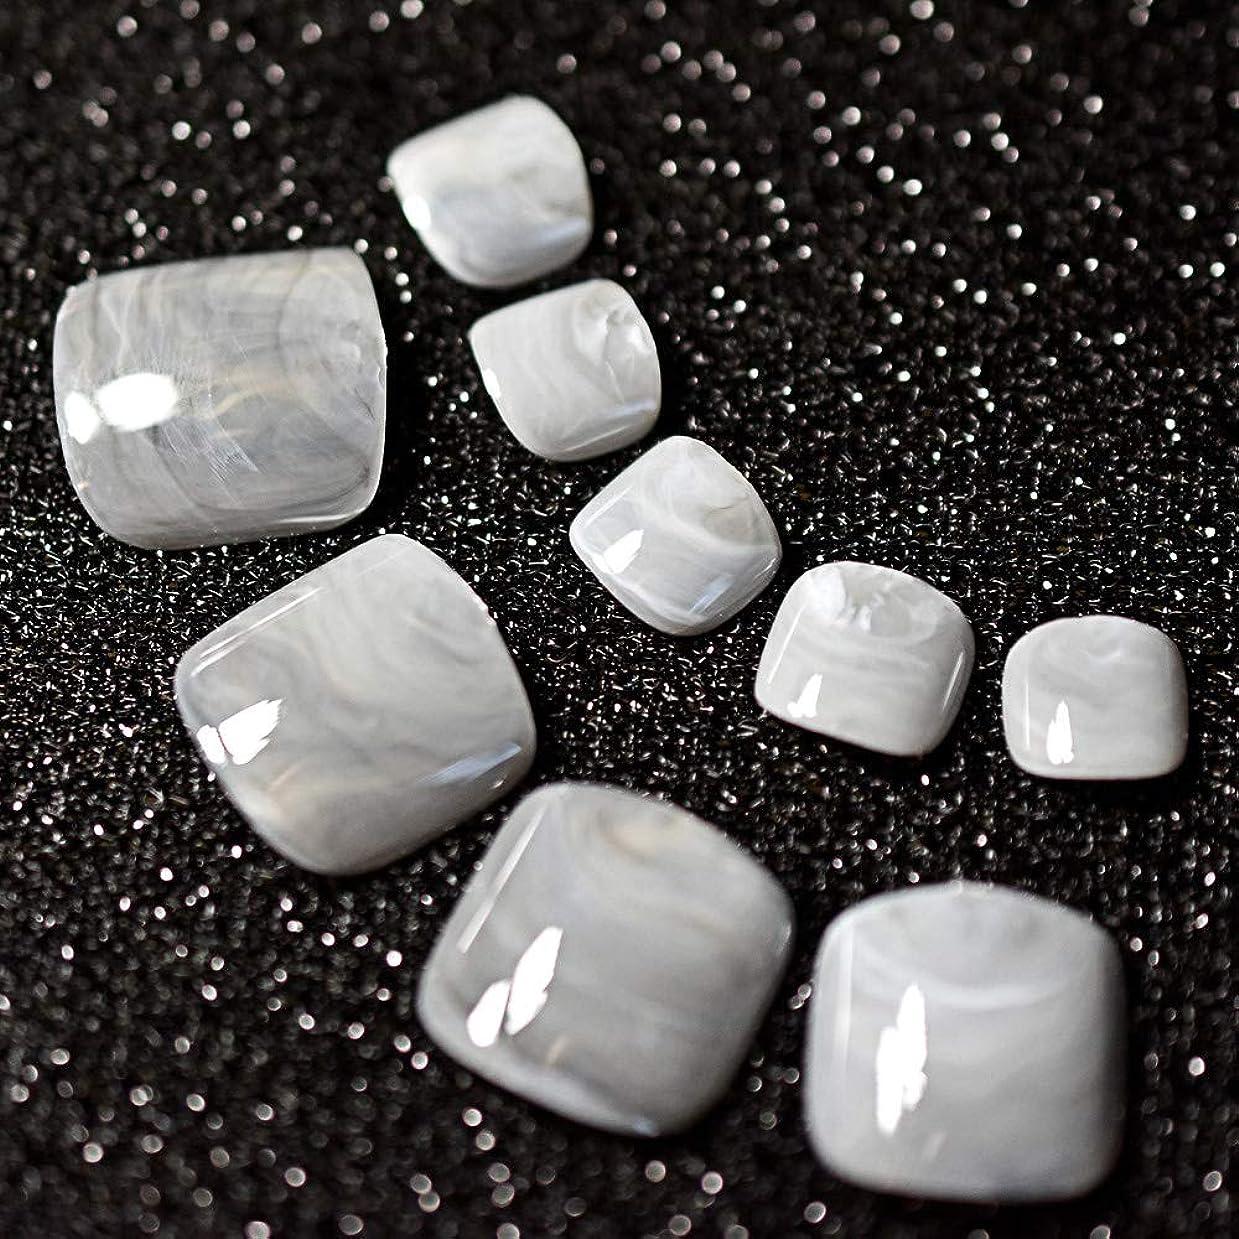 受け継ぐ導体現象XUTXZKA 24ピースグレー大理石の足の爪偽の人工足の爪足の化粧の装飾のためのヒント